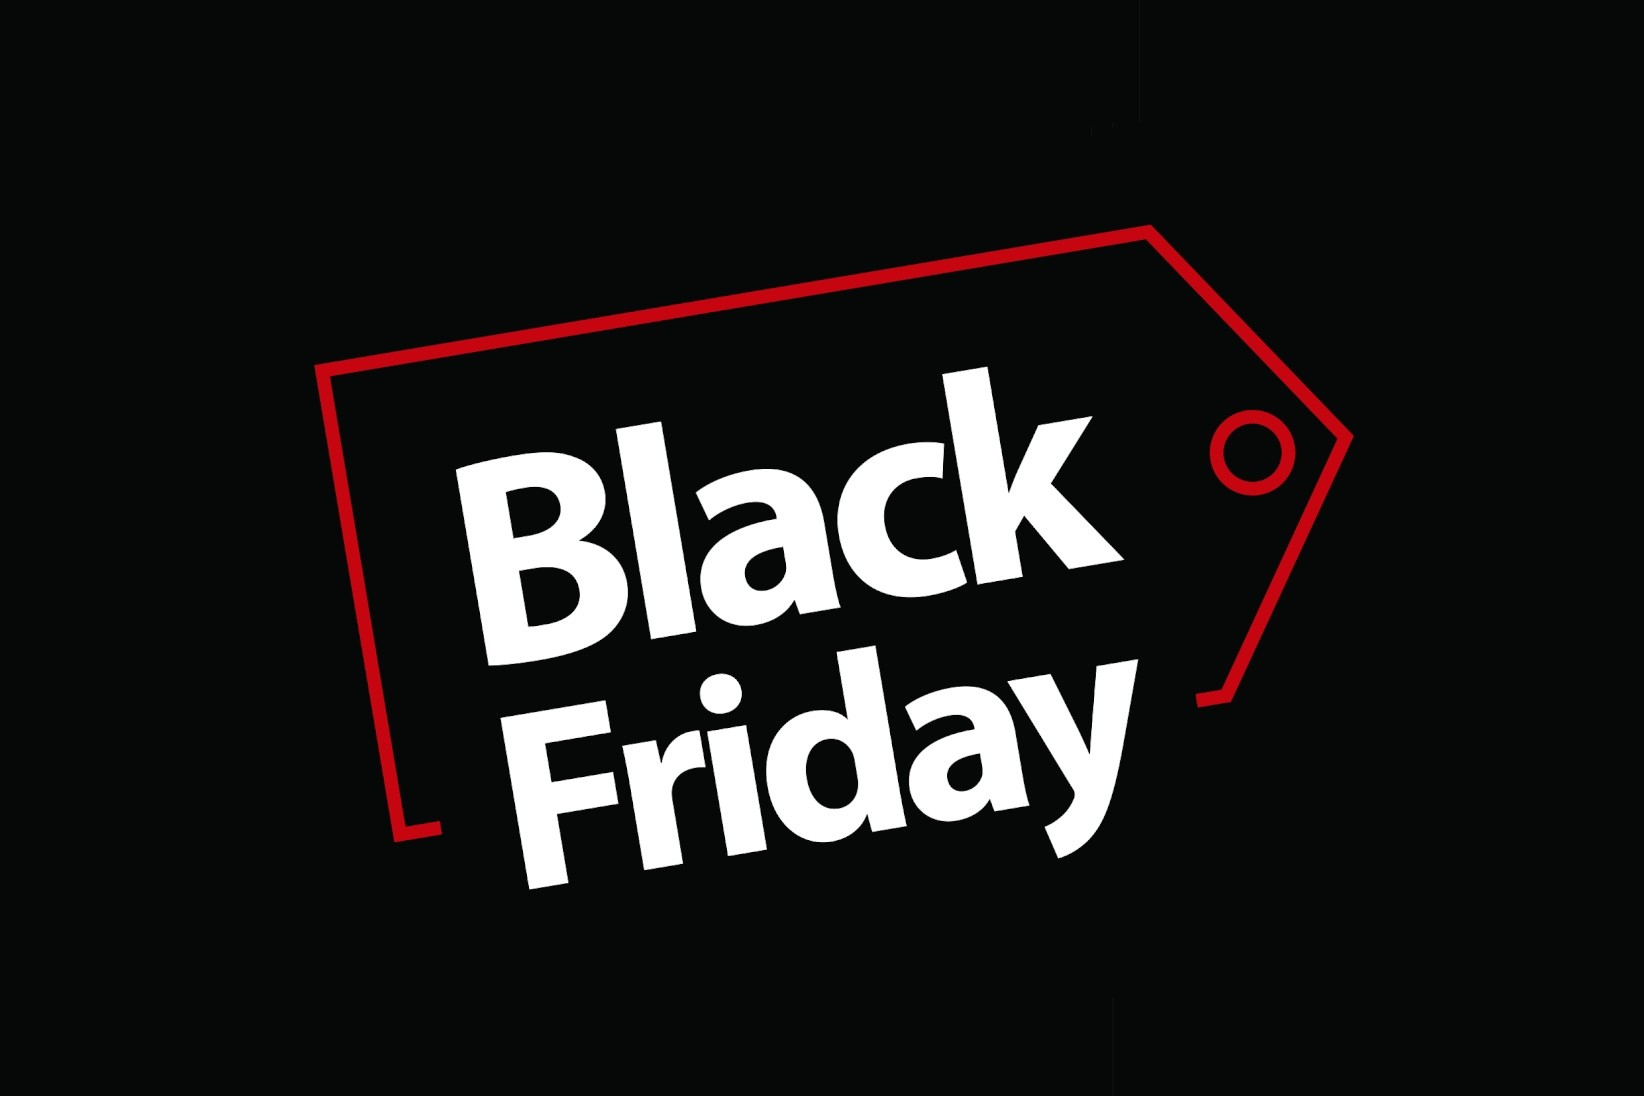 Black Friday deve ser séria e tem que ter estratégia